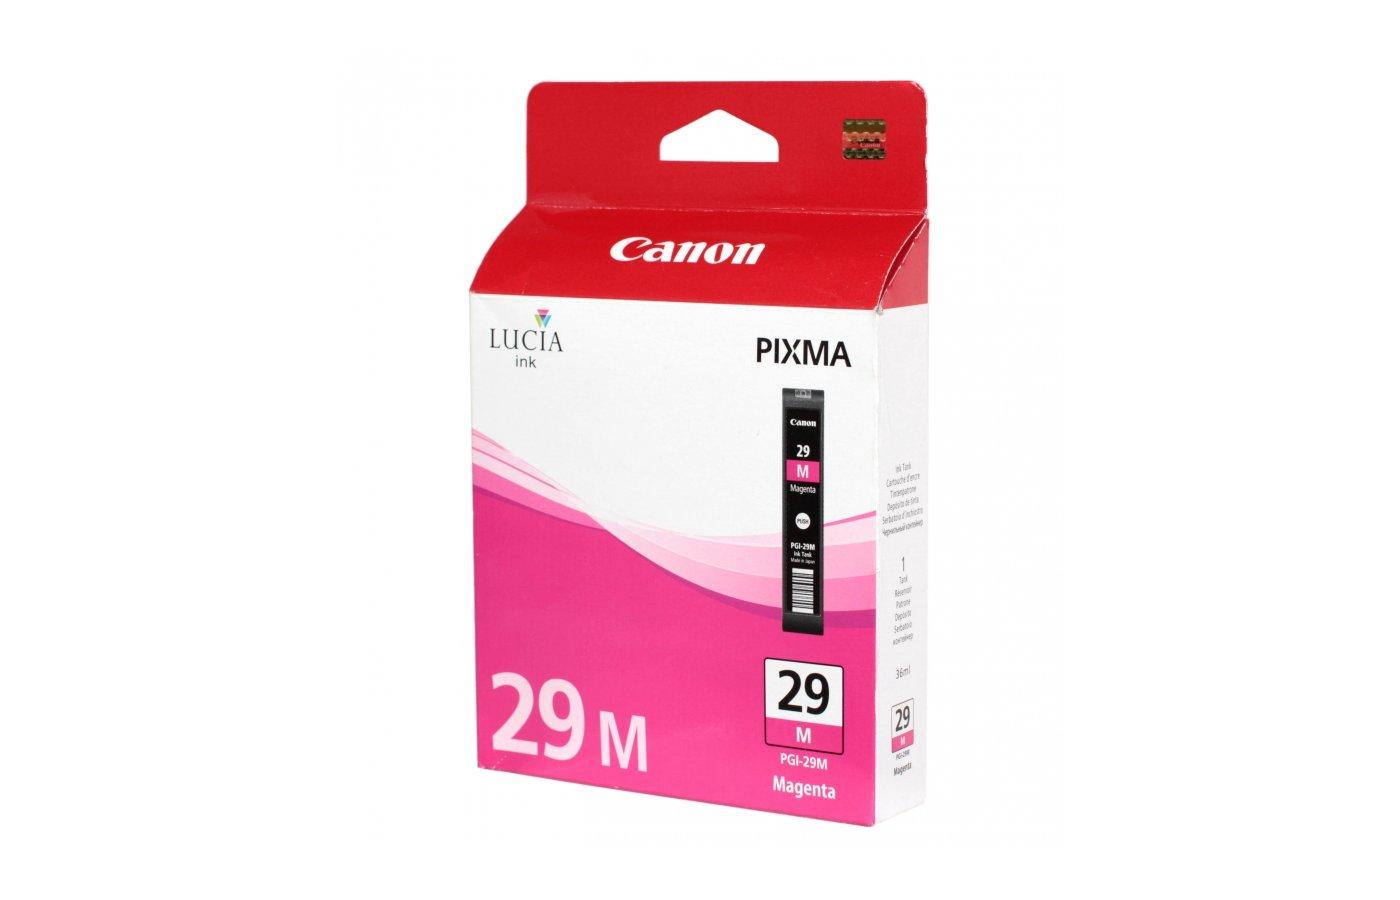 Картридж струйный Canon PGI-29M 4874B001 малиновый для Pixma Pro 1